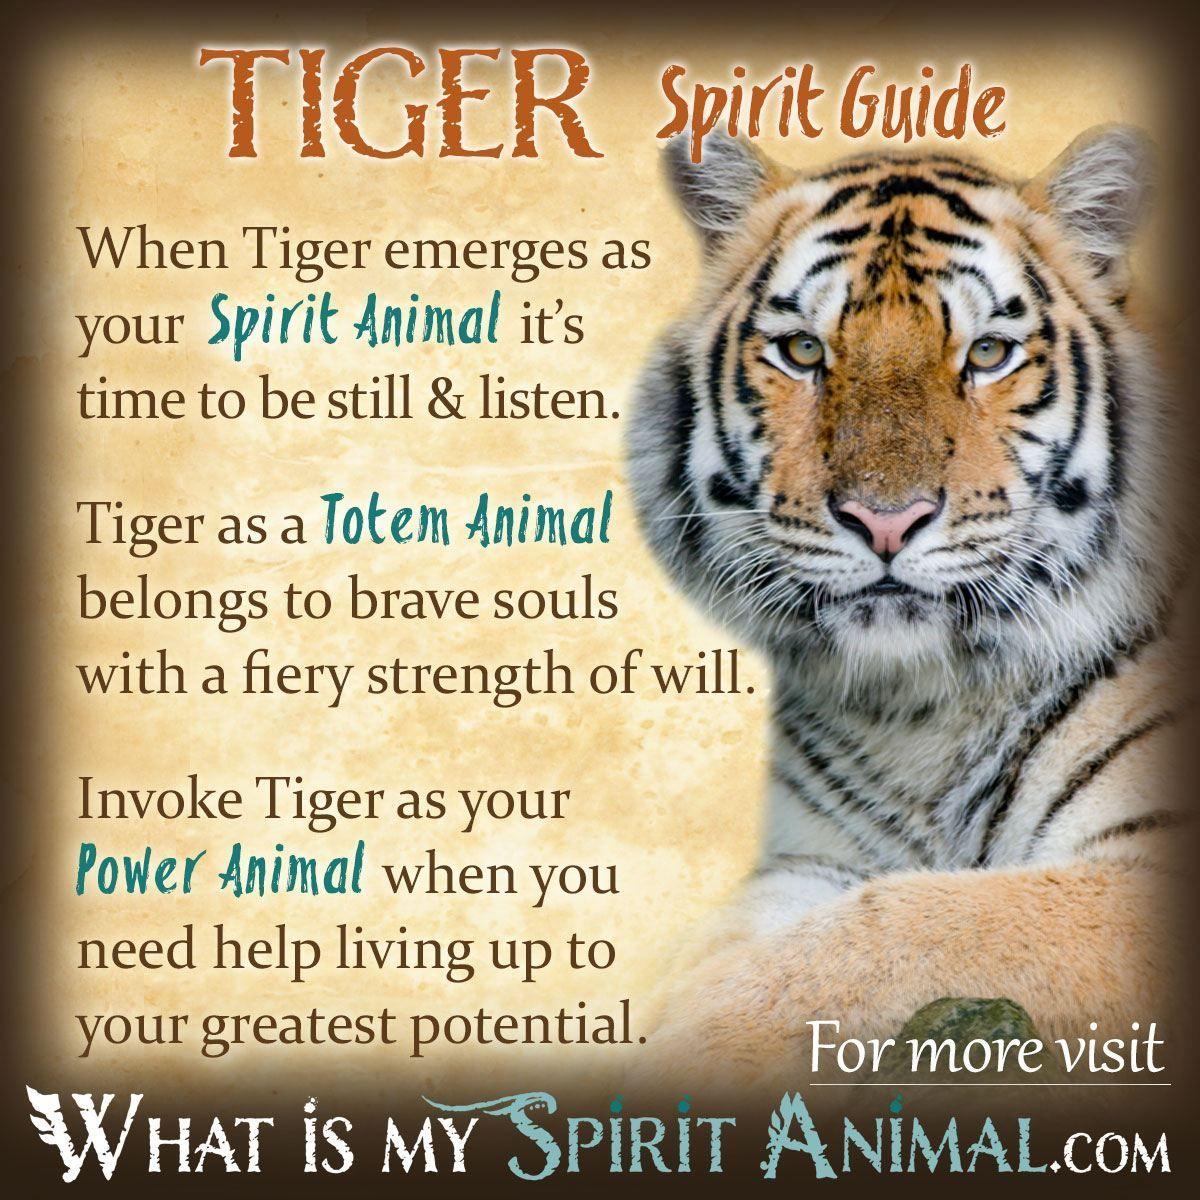 Related Image Tiger Spirit Animal Animal Totem Spirit Guides Power Animal